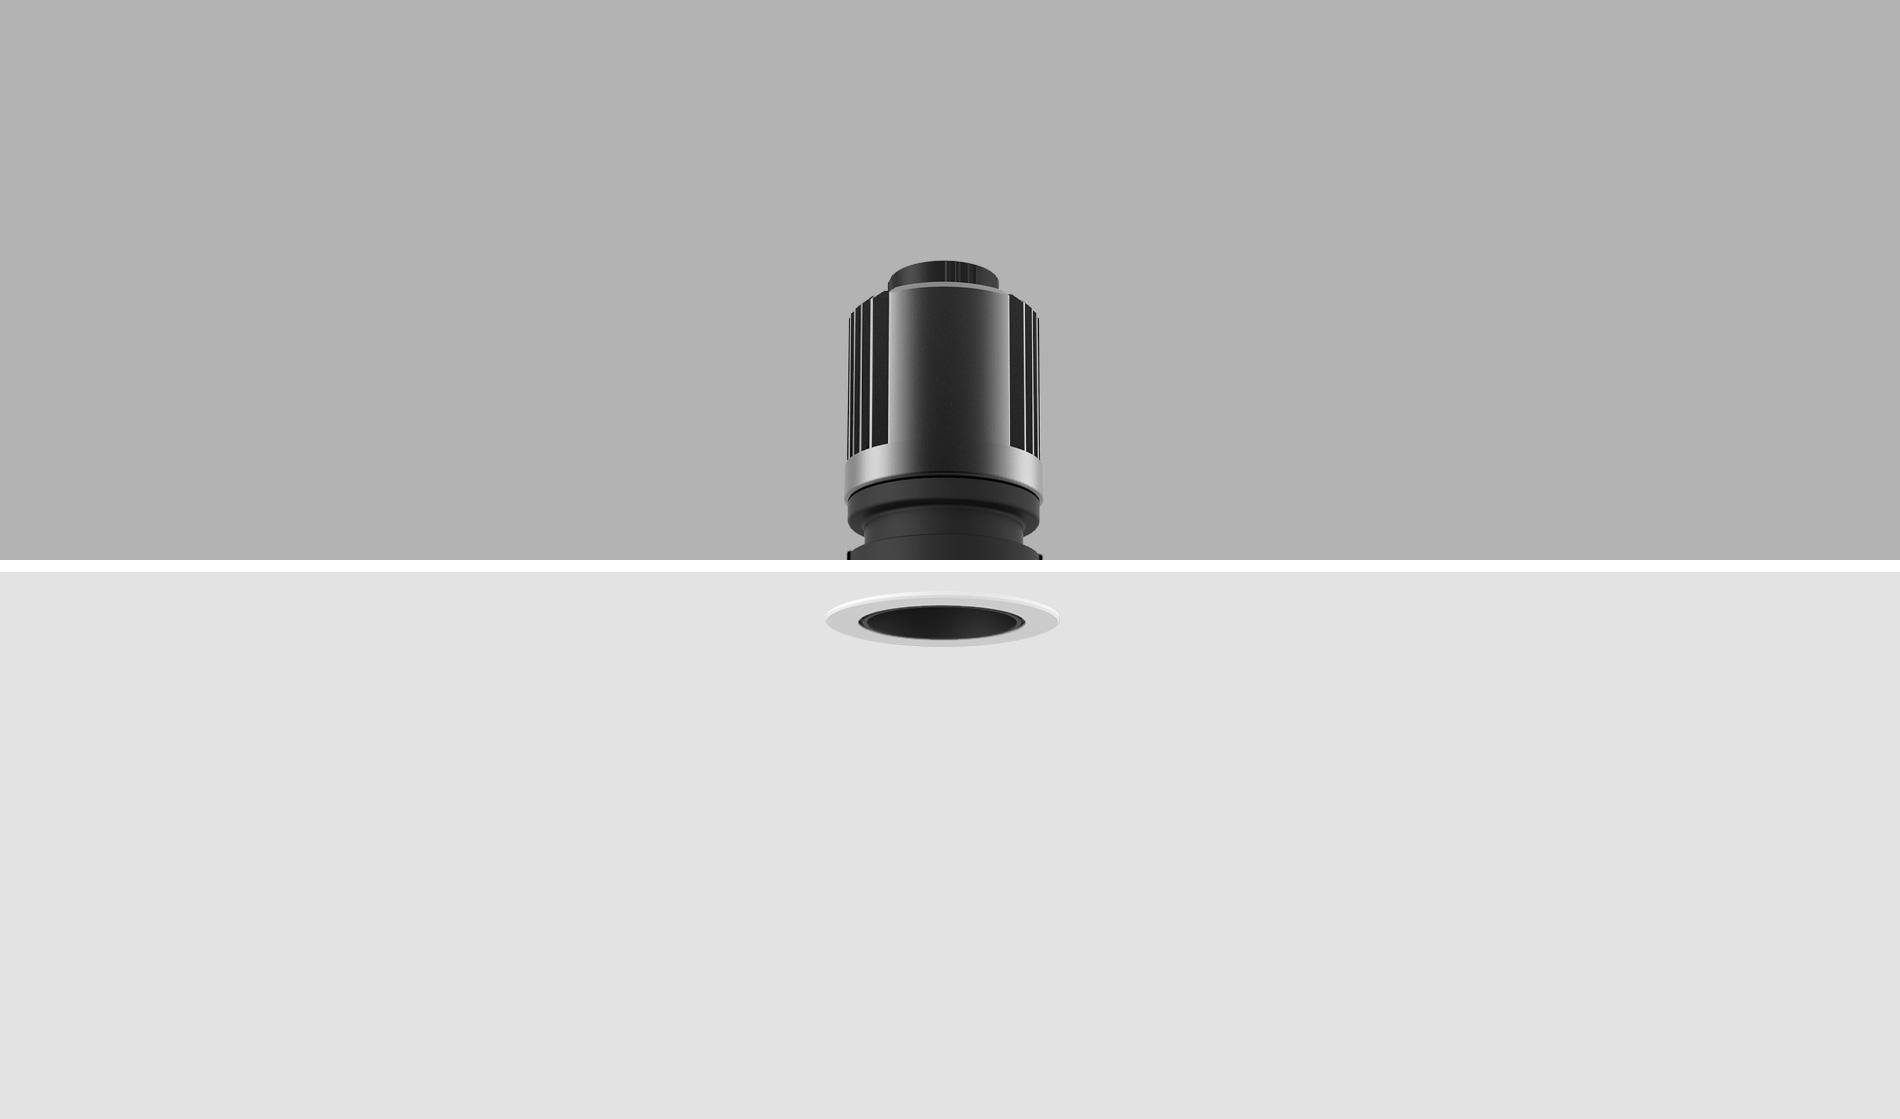 led recessed downlight black inner ring